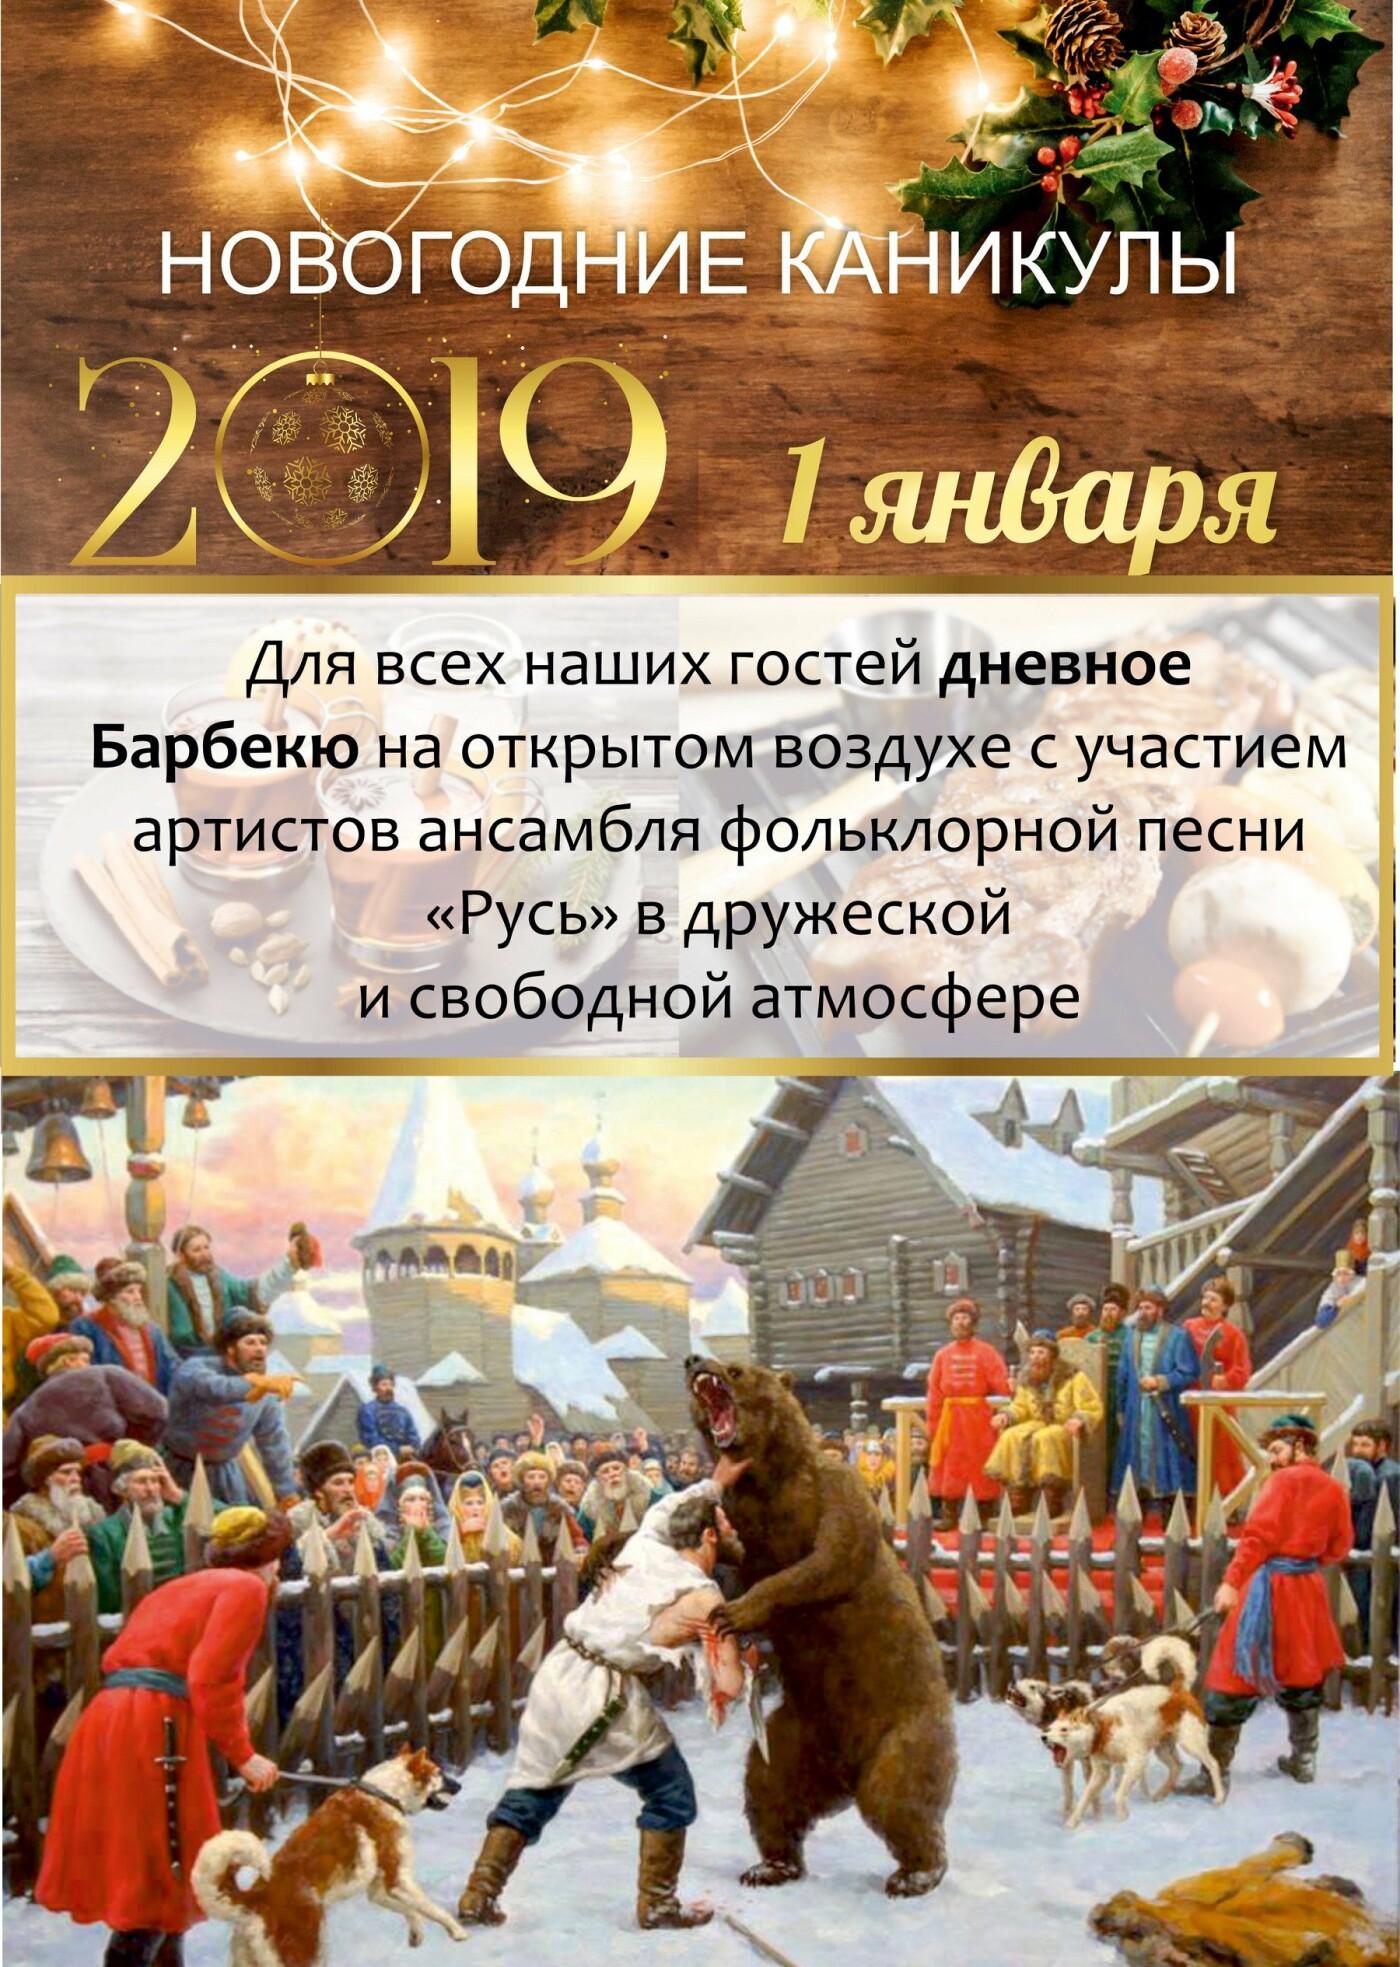 Встречайте Новый год-2019 всей семьей в санатории «Айвазовское»!, фото-3